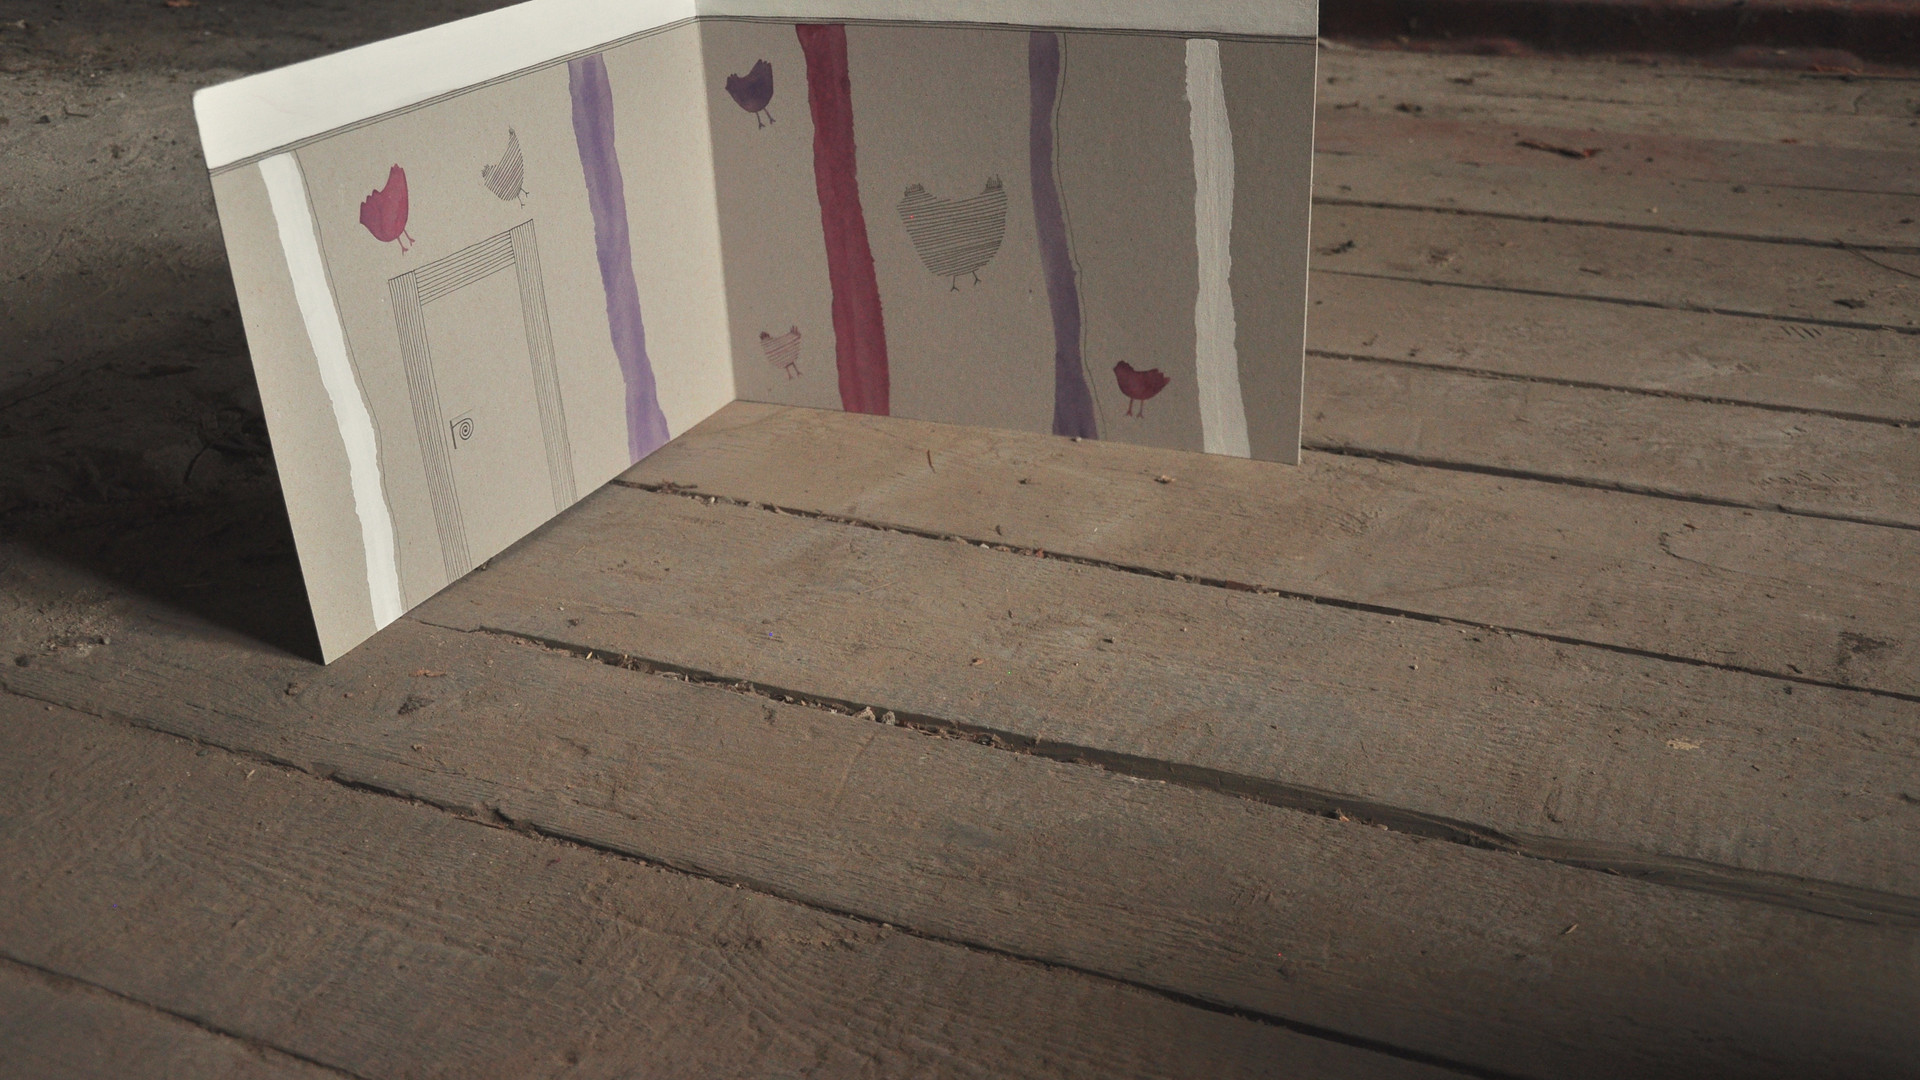 Papírová kulisa fialovás motivem slepice